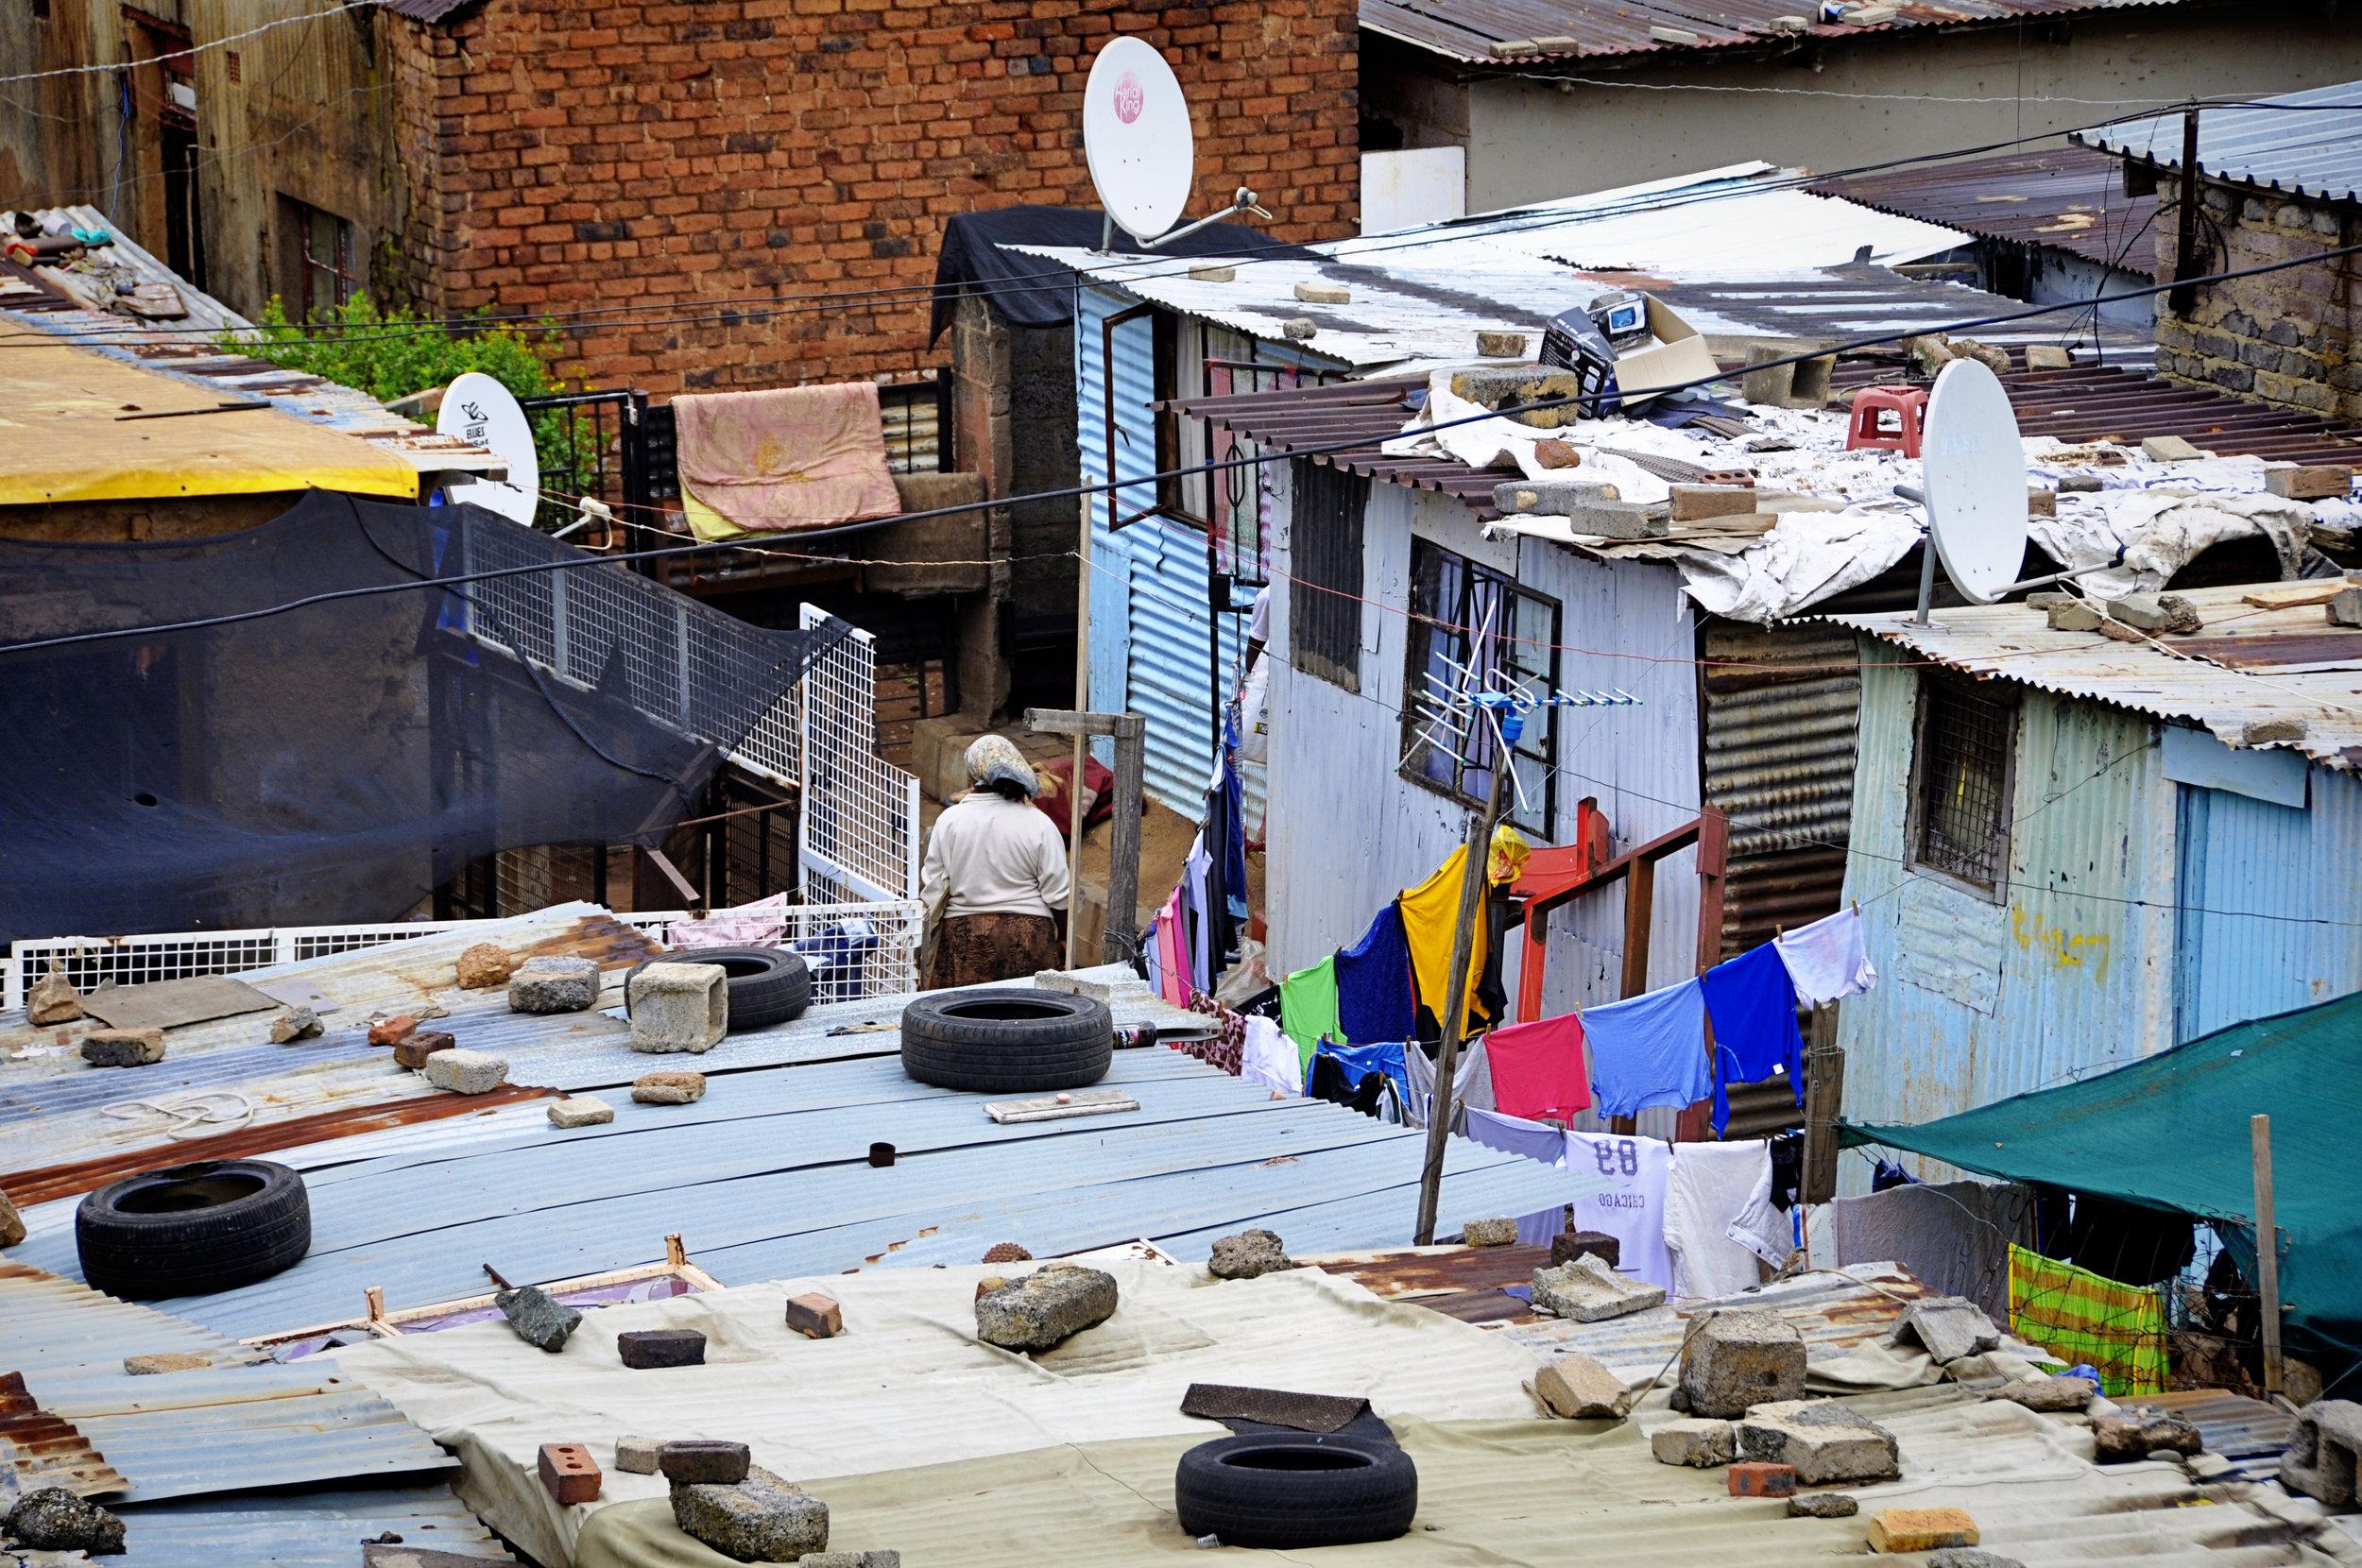 Africa-Johannesburg-26.jpg